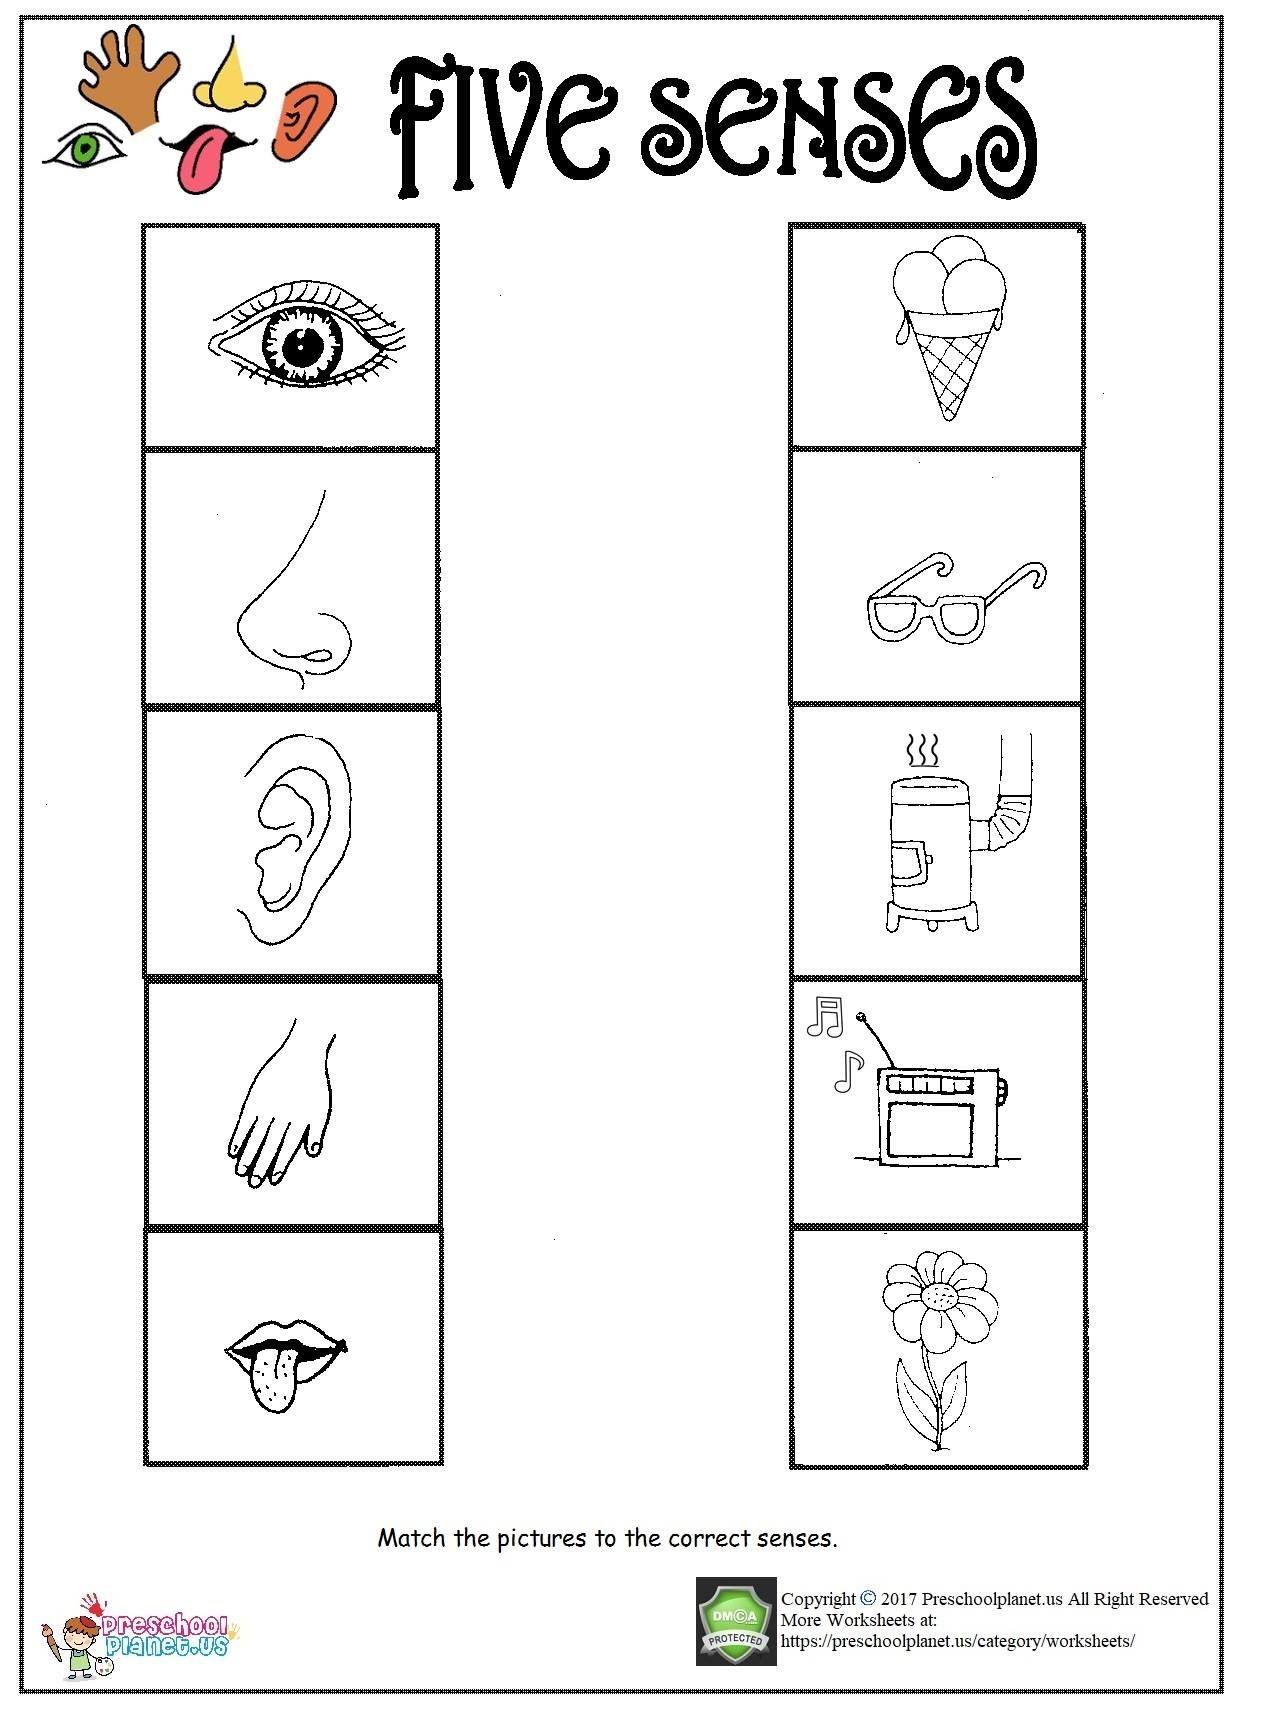 Printable Five Senses Worksheet Preschoolplanet In